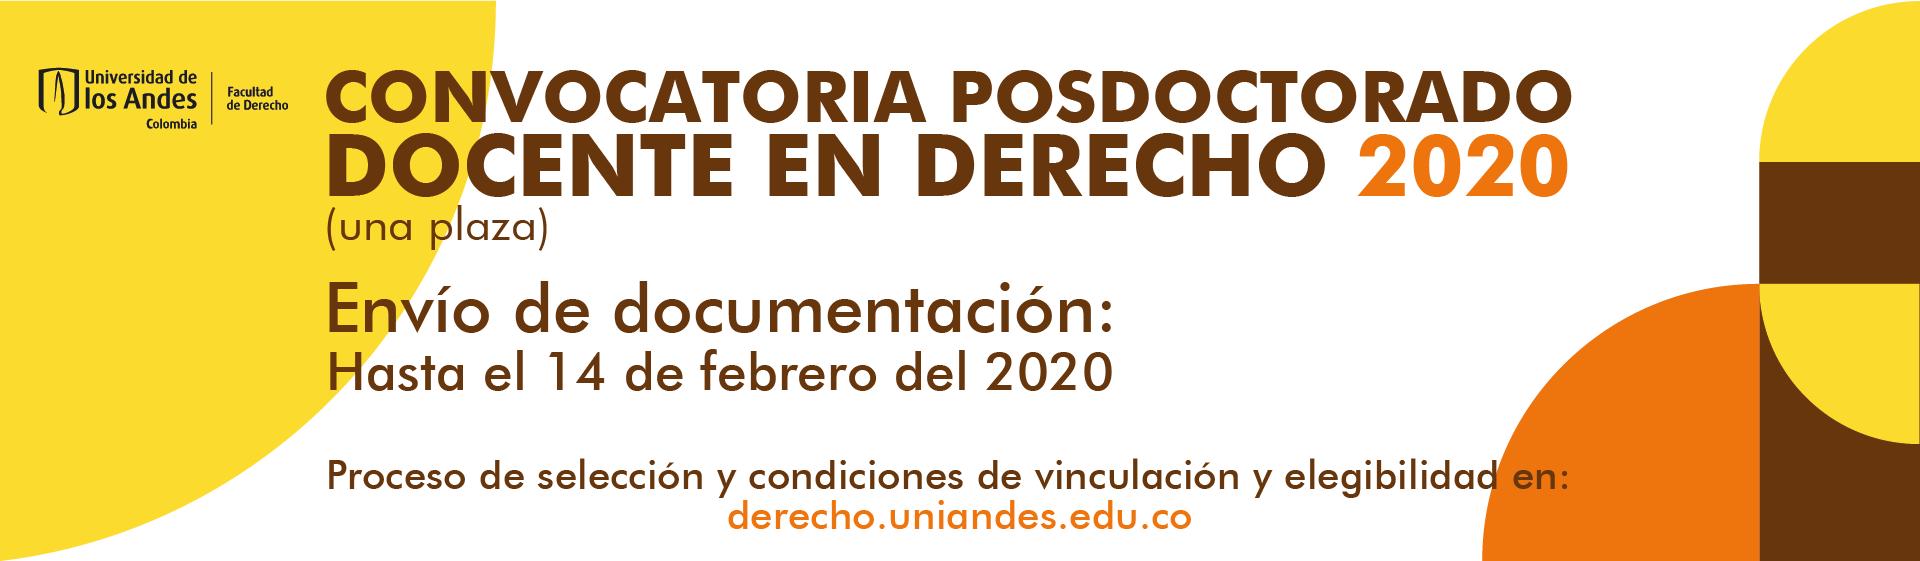 Convocatoria posdoctorado docente en Derecho 2020